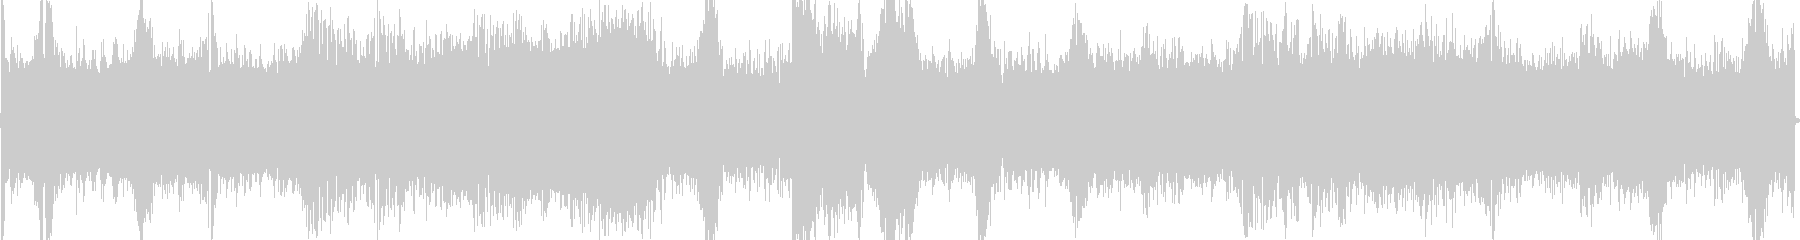 ビームガン銃撃戦の未再生の波形